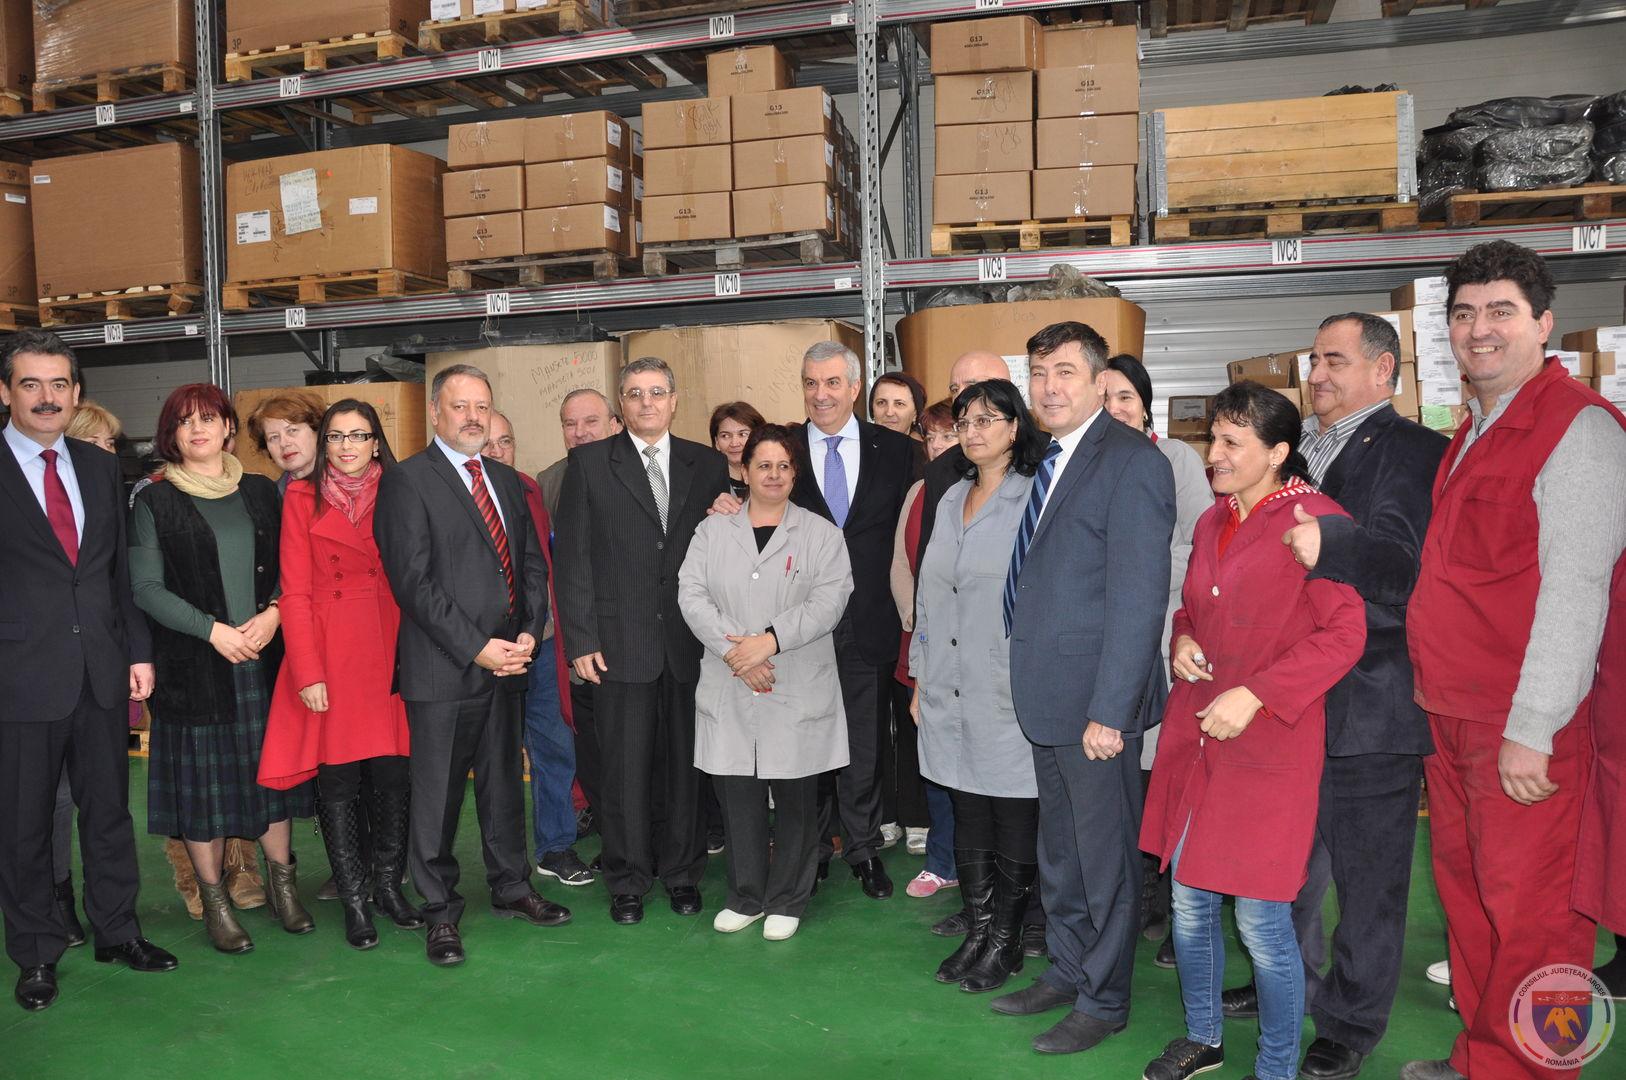 Vizita Calin Popescu Tariceanu 11.11.2014 (12).JPG